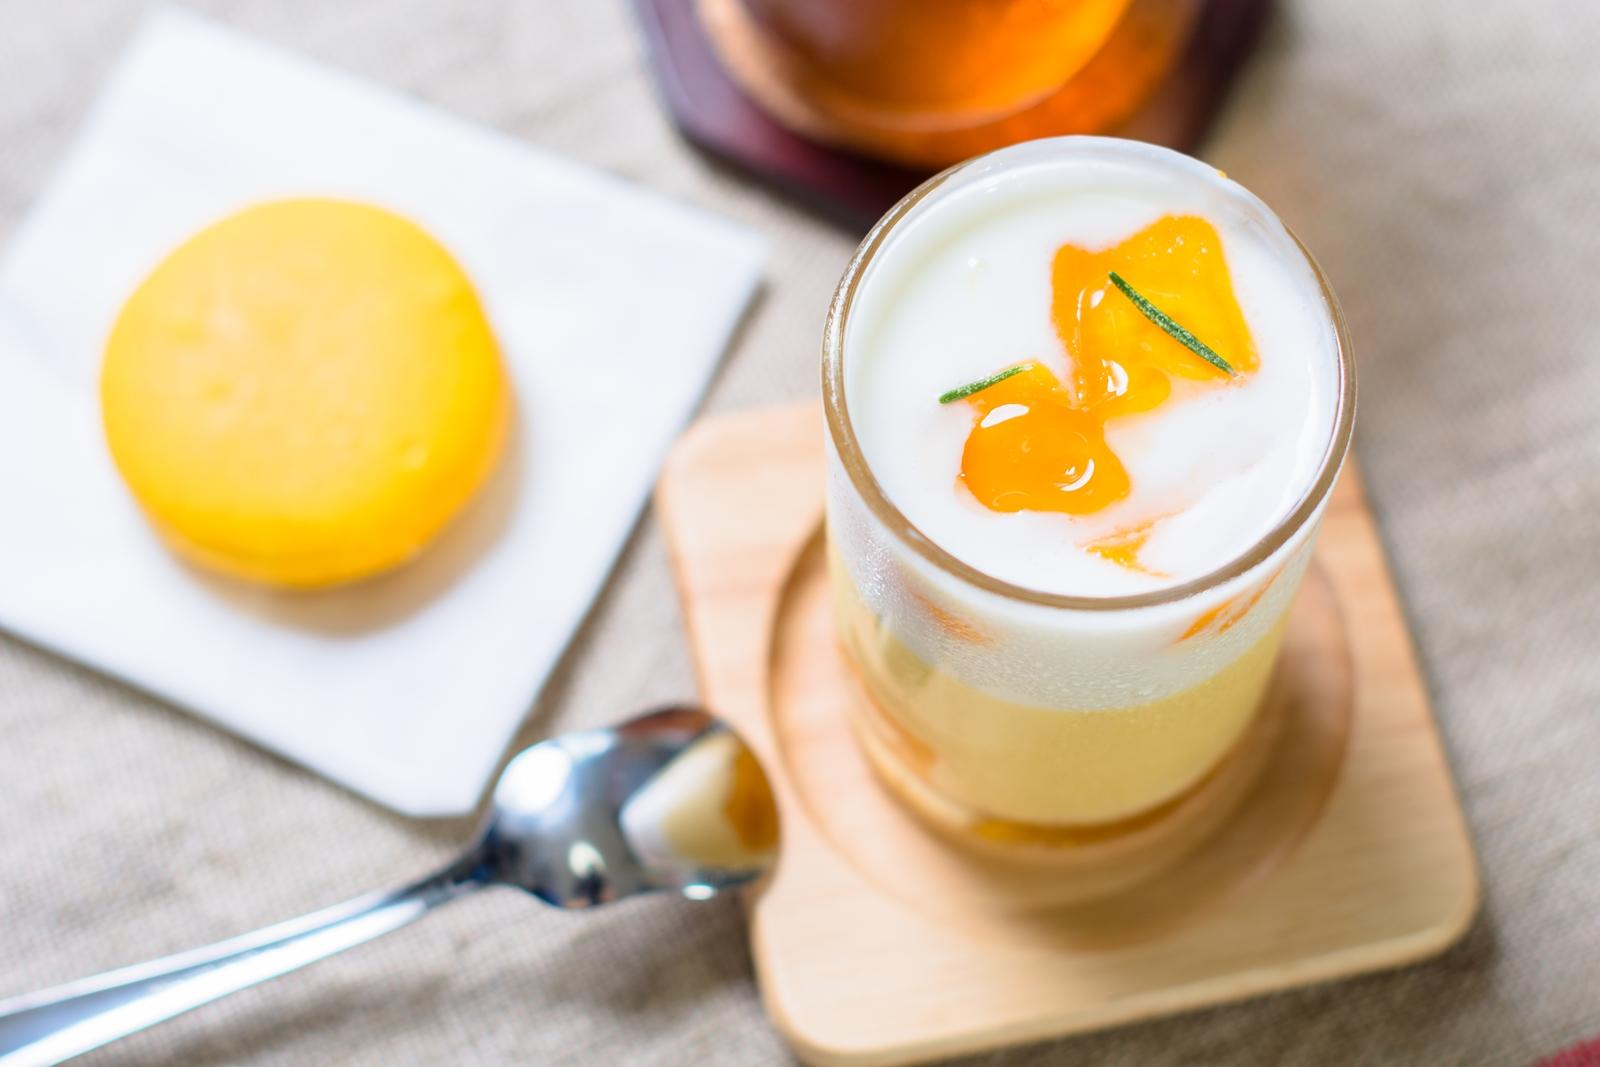 Photo: 「ヴェリーヌ・マングー」 フランス菓子 エリティエ  南国の甘みたっぷりなプリン☆  上の層には 甘み控えめのさらっとしたヨーグルト その下には とっても柔らかくあま~いマンゴープリン 合わせてすくって口へ入れると 口の中にとっても爽やかな夏が訪れます♪ アップルマンゴーのとろけるような果実も 上から下までごろごろと、 たっぷりと堪能させてもらいました☆  合わせてアプリコットのマカロンも一つ マカロンはカップスイーツを食べつつ もう少しという時にも嬉しいですね~^^  「 フランス菓子 エリティエ 」 http://heritier-jp.com/  Nikon D7200 Nikon AF-S NIKKOR 50mm f/1.4G  #ケーキの日 #ごちそうフォト ( http://takafumiooshio.com/archives/2690 )